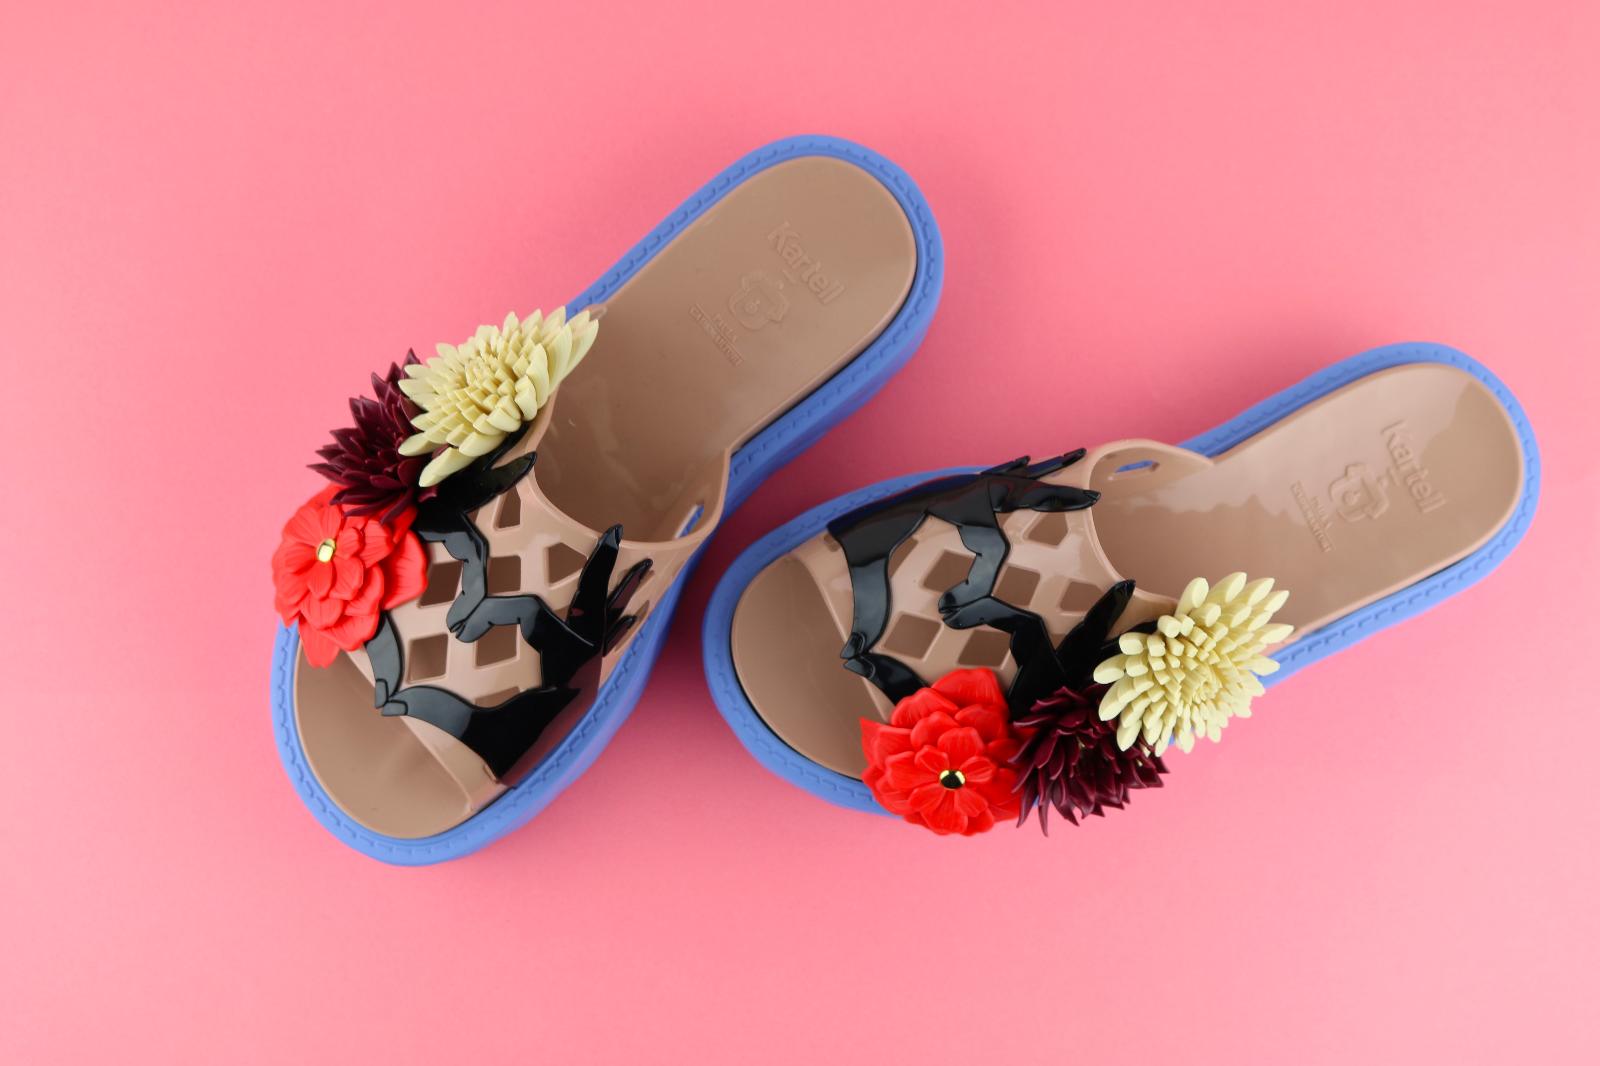 Kartell Paula Cademartori CLAUDIA sandalo fiore abbellimento Flatforms in gomma